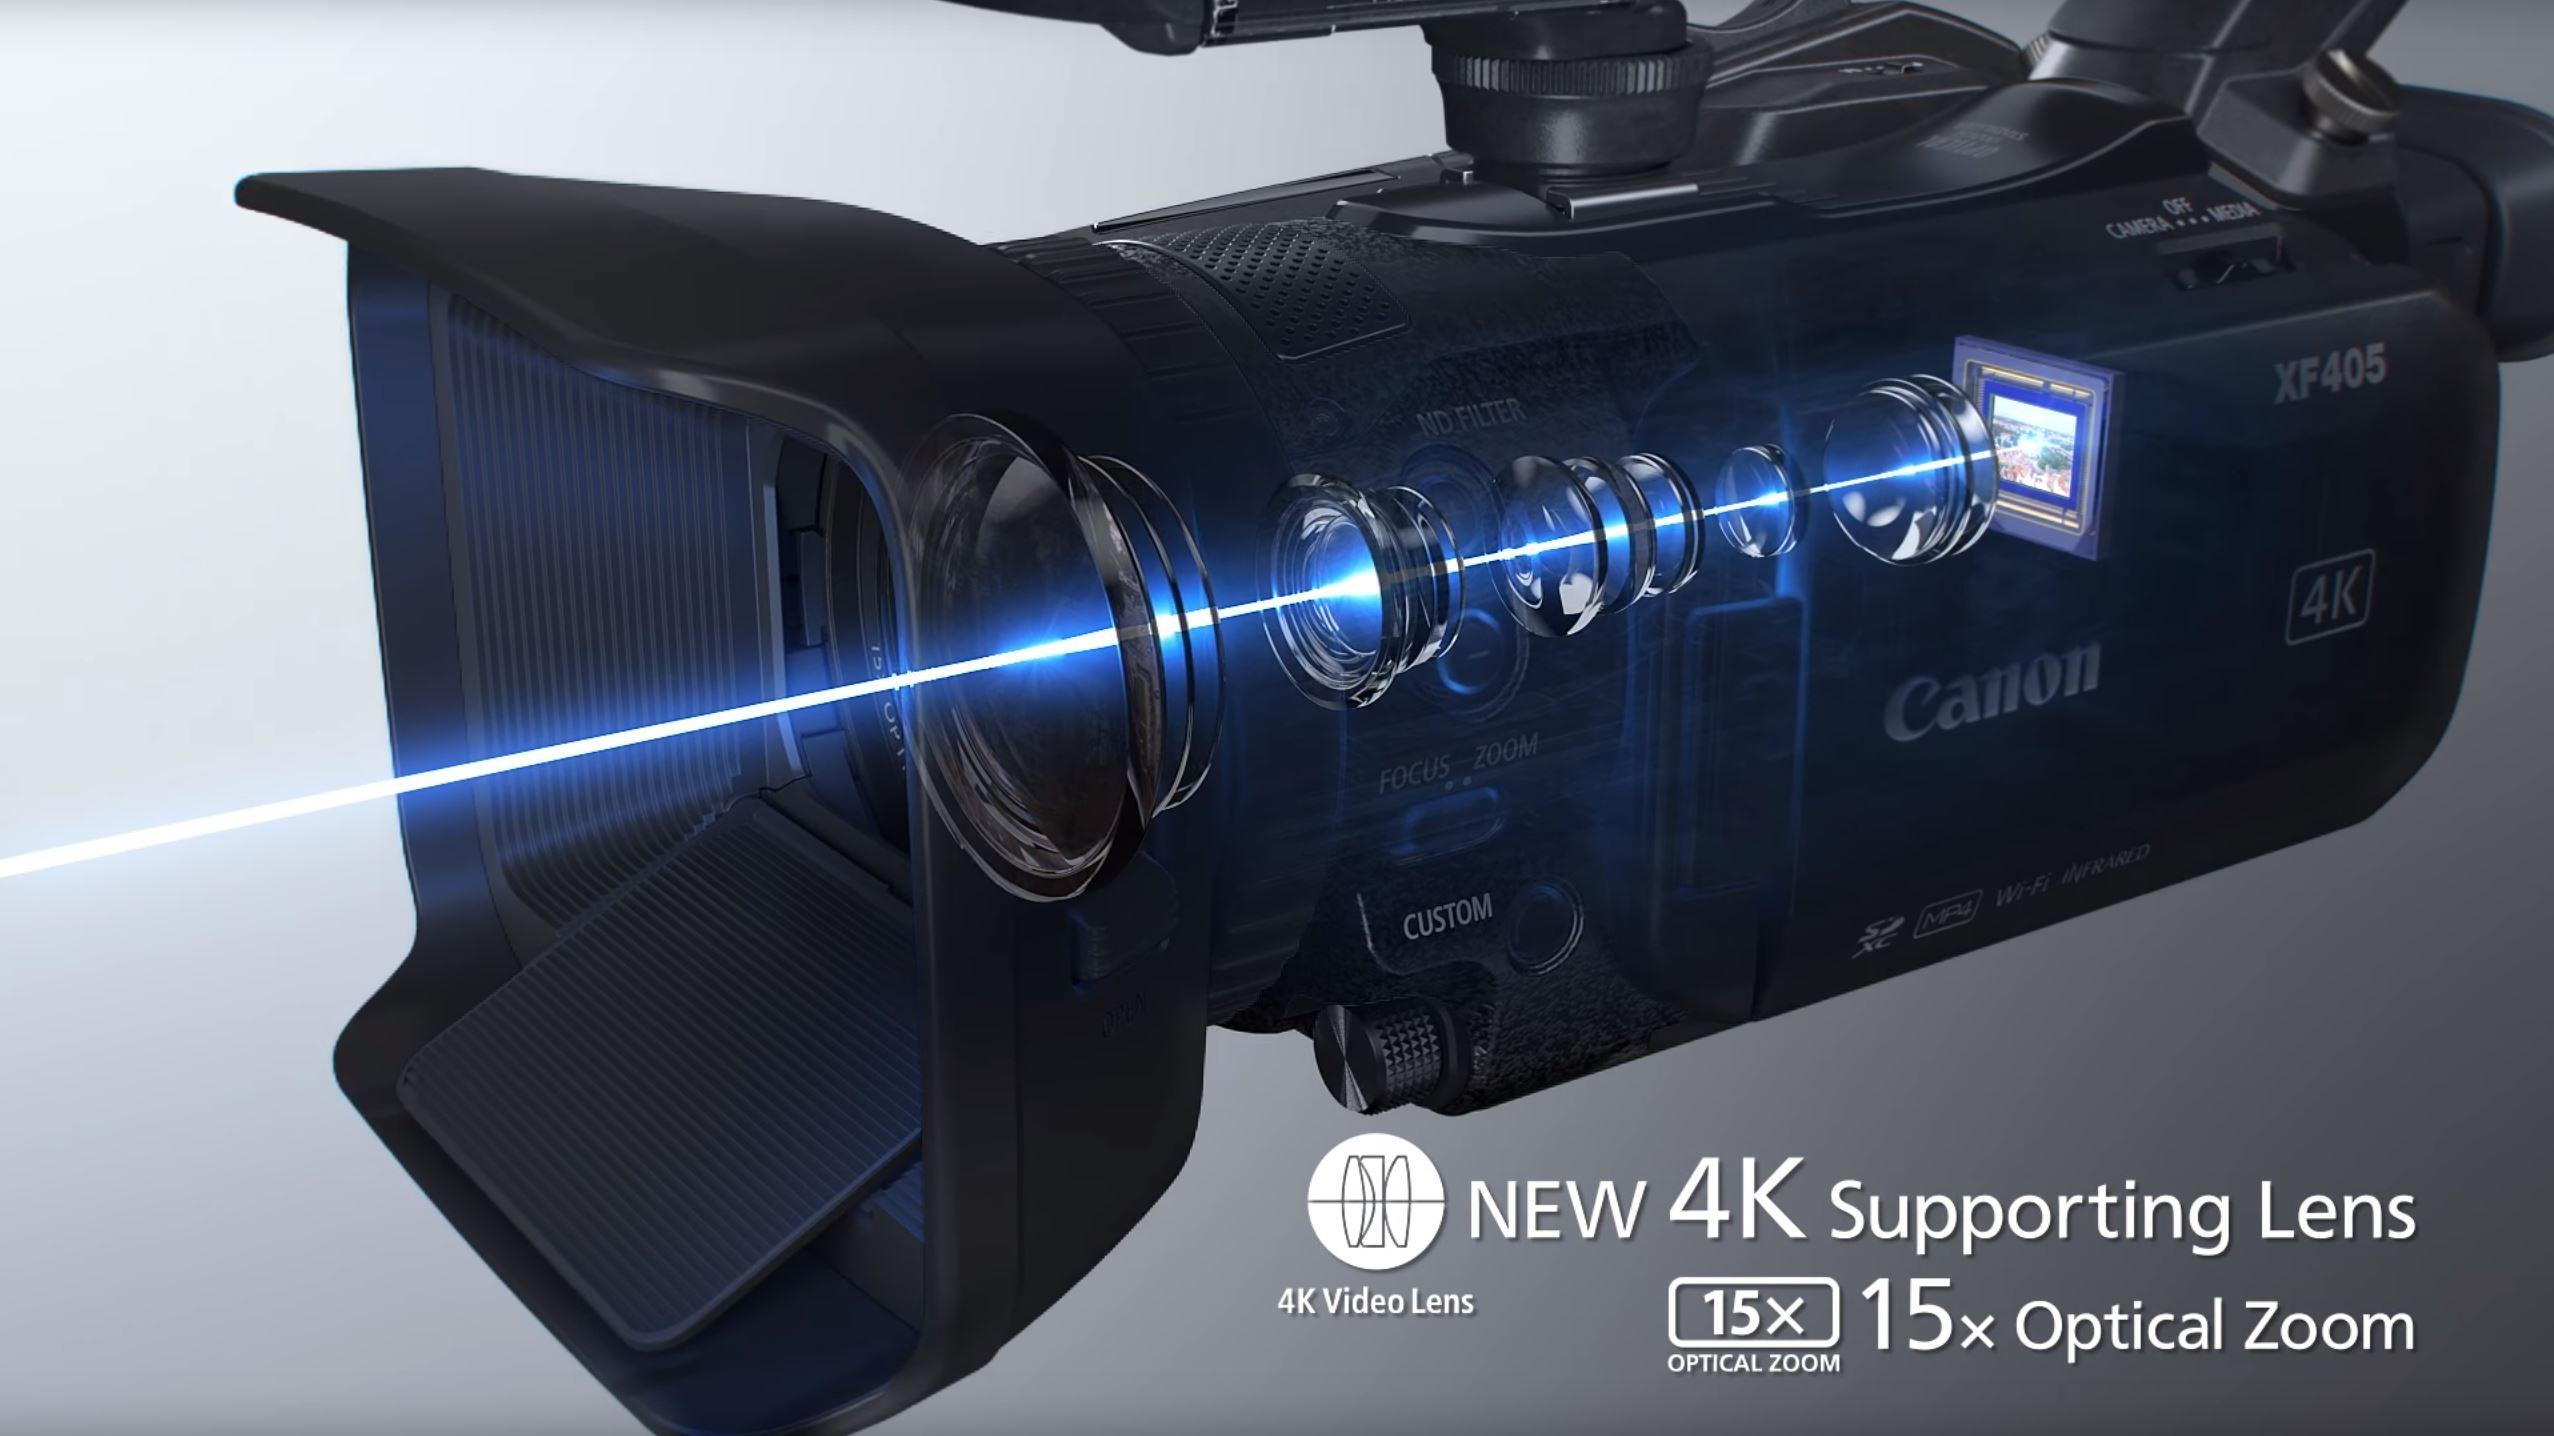 canon XF405/XF400 05